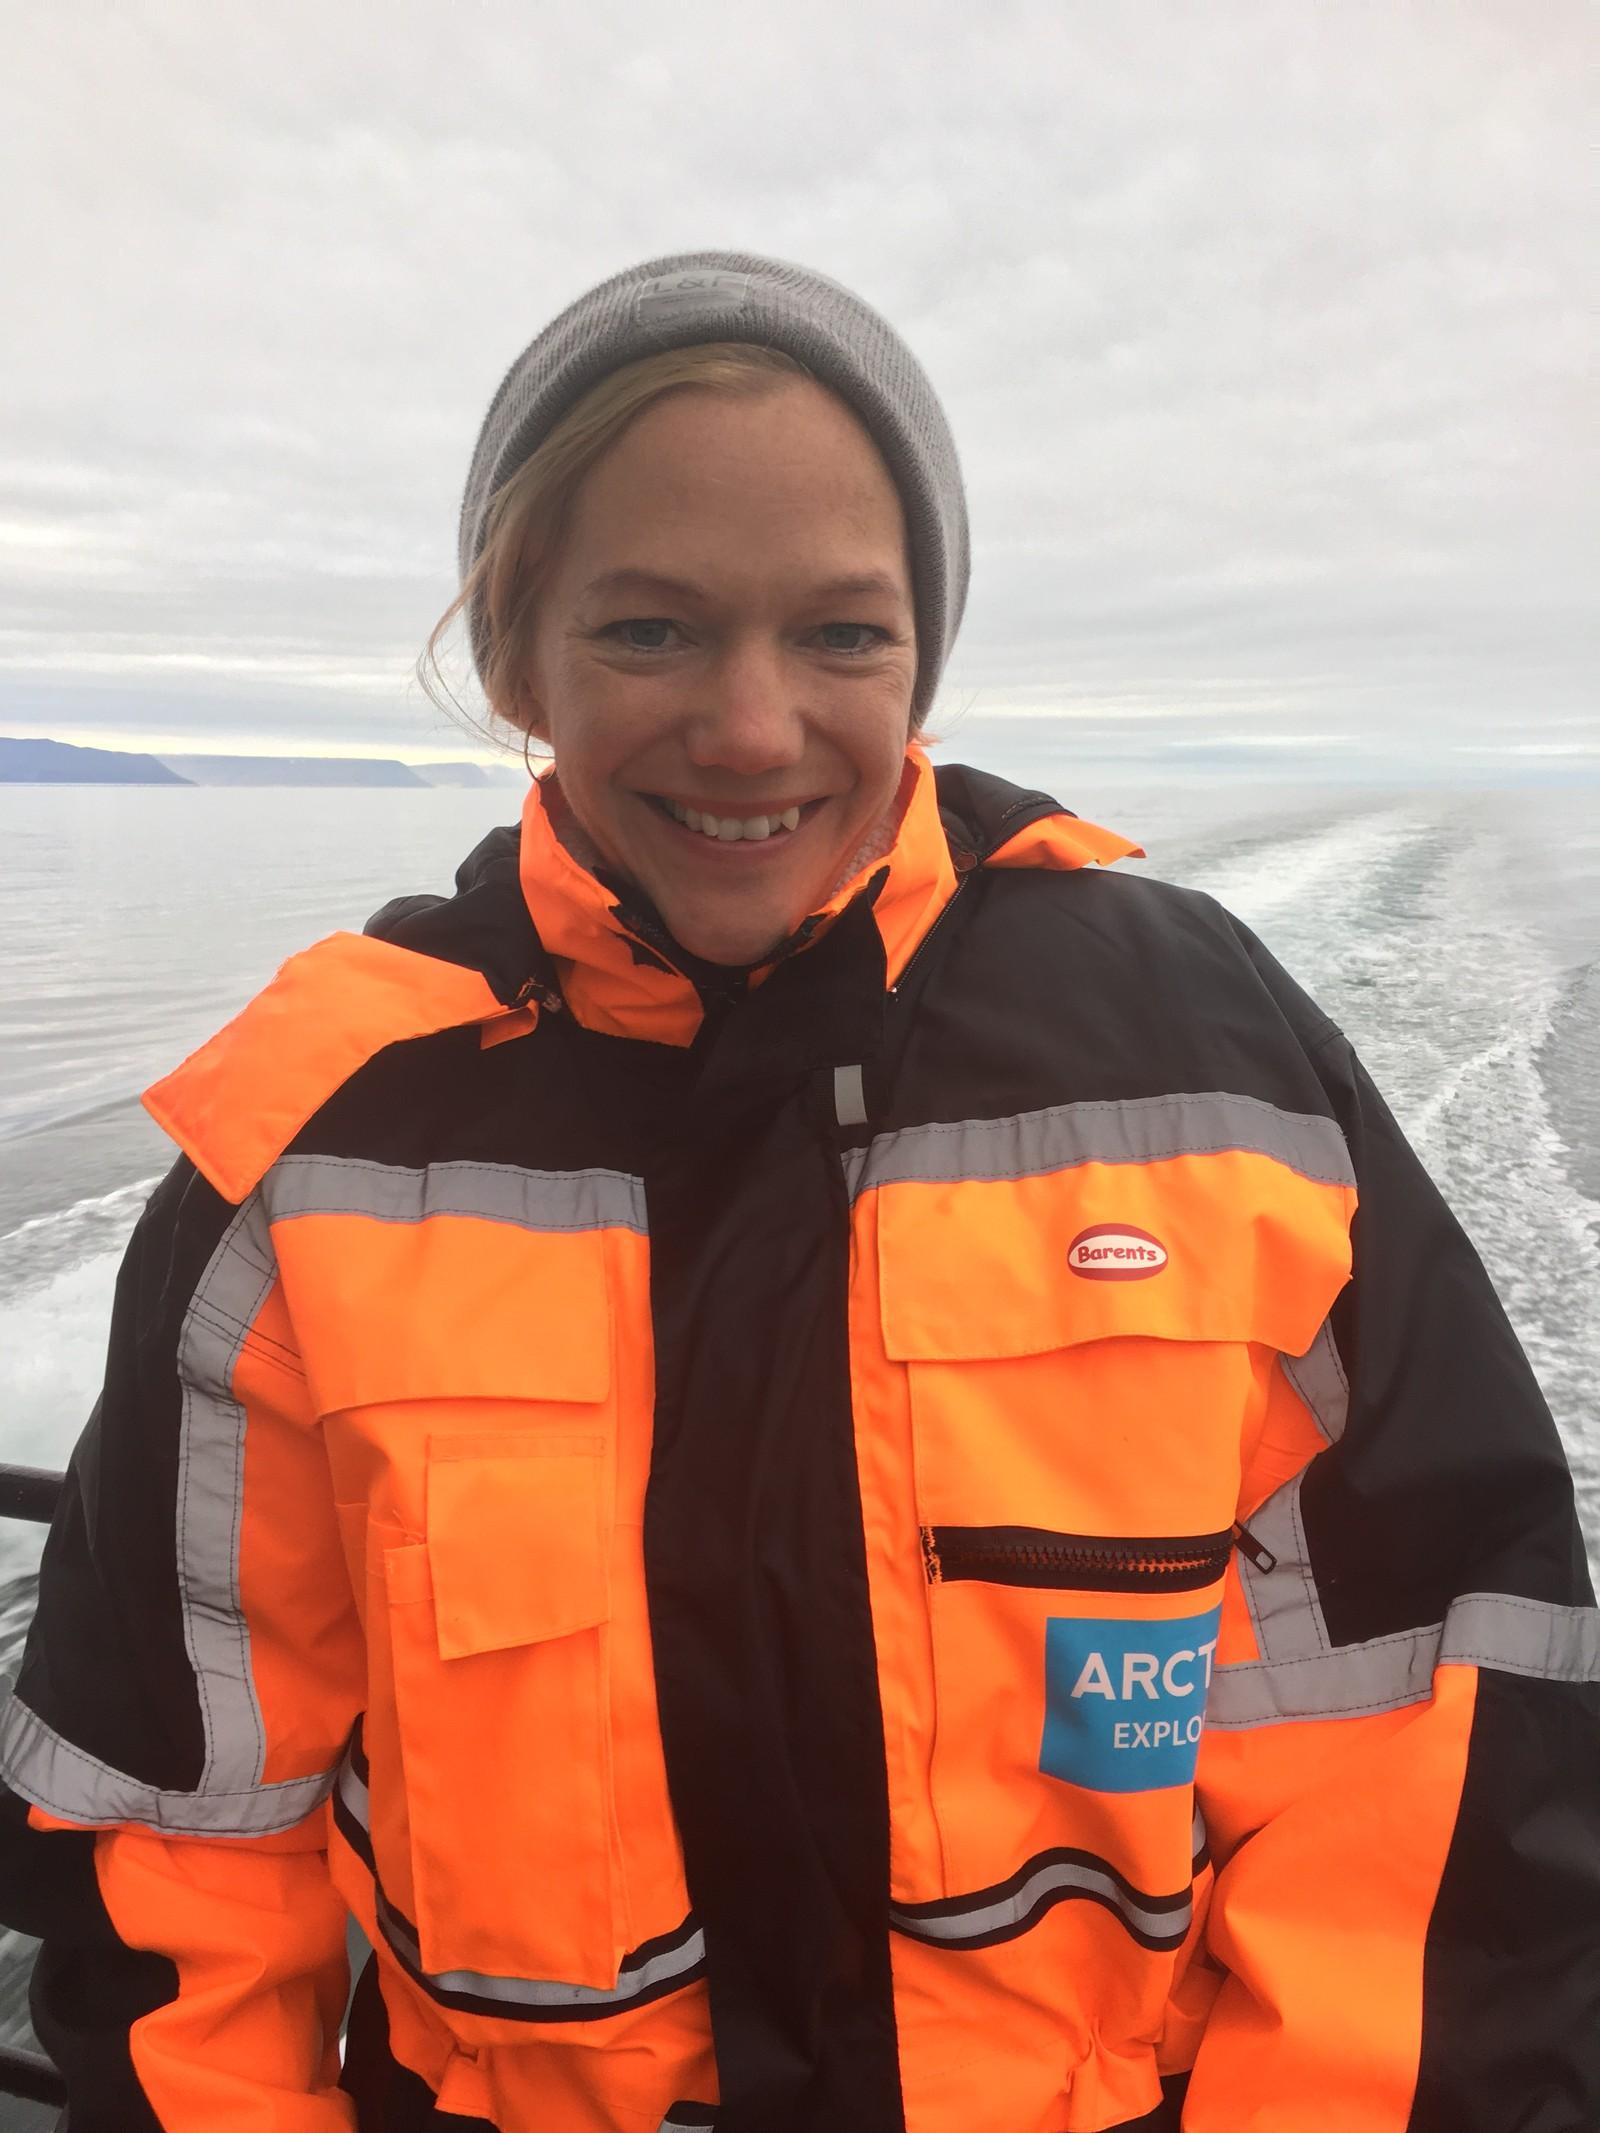 Maja i kjeledress mimrer om året på skoleskipet Christian Radich og om hvor høyt hun elsker havet.